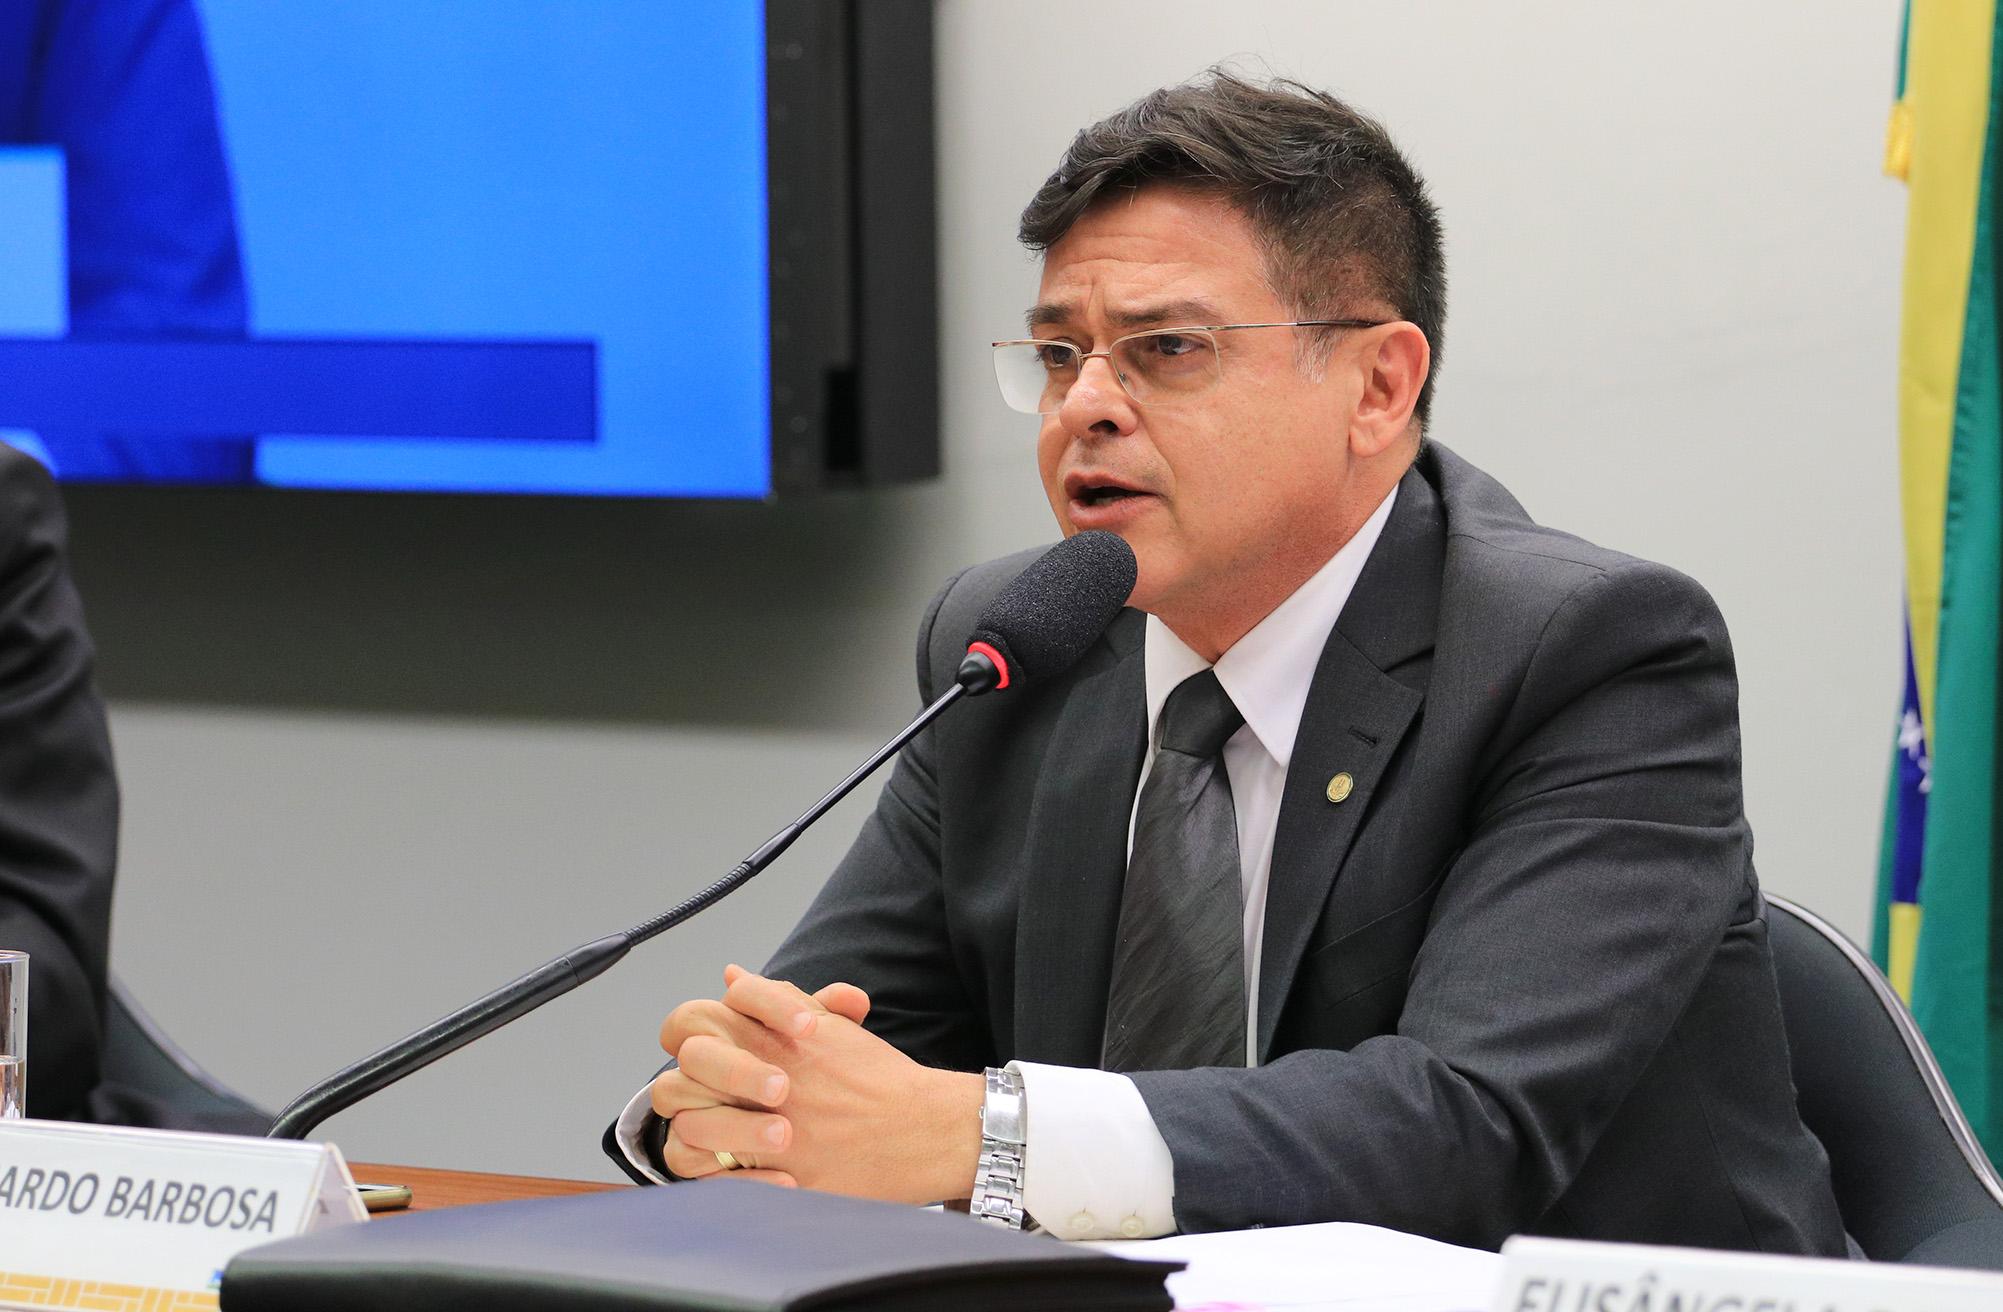 Reunião sobre o orçamento da Seguridade Social. Dep.Eduardo Barbosa(PSDB - MG)